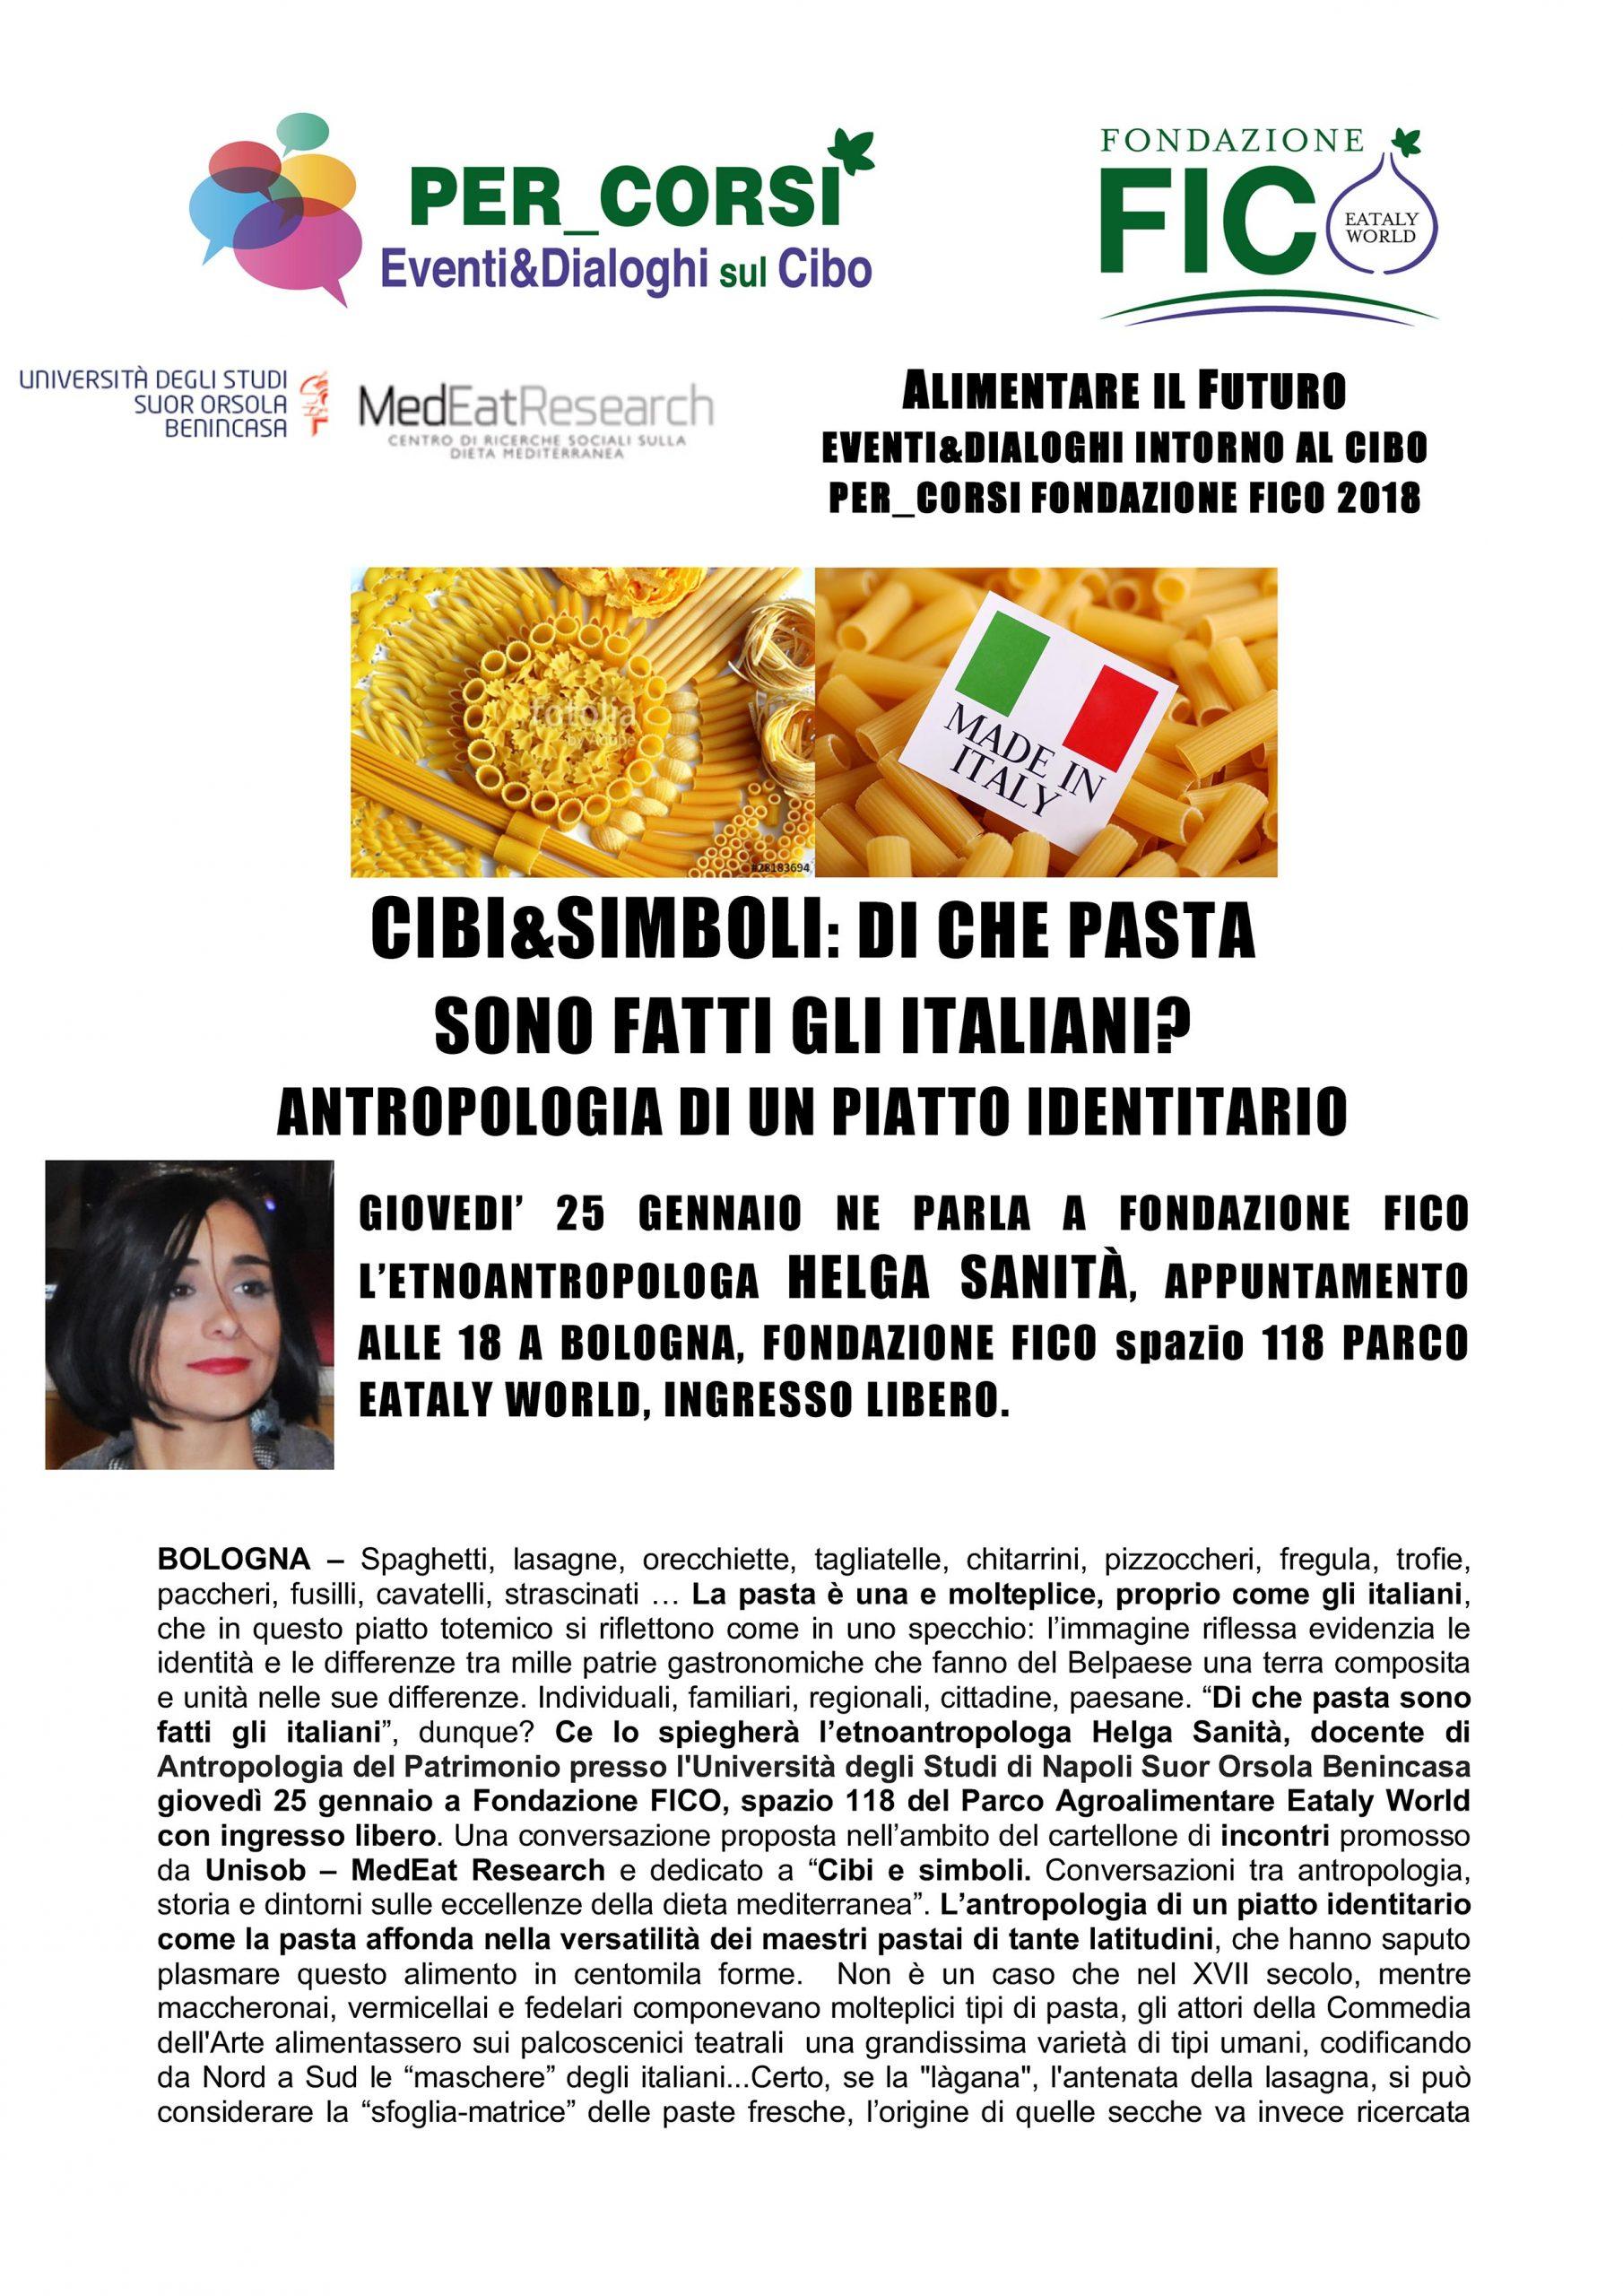 CS-0013-FondazioneFIco-PER_CORSI-25-01-2018_Pagina_1